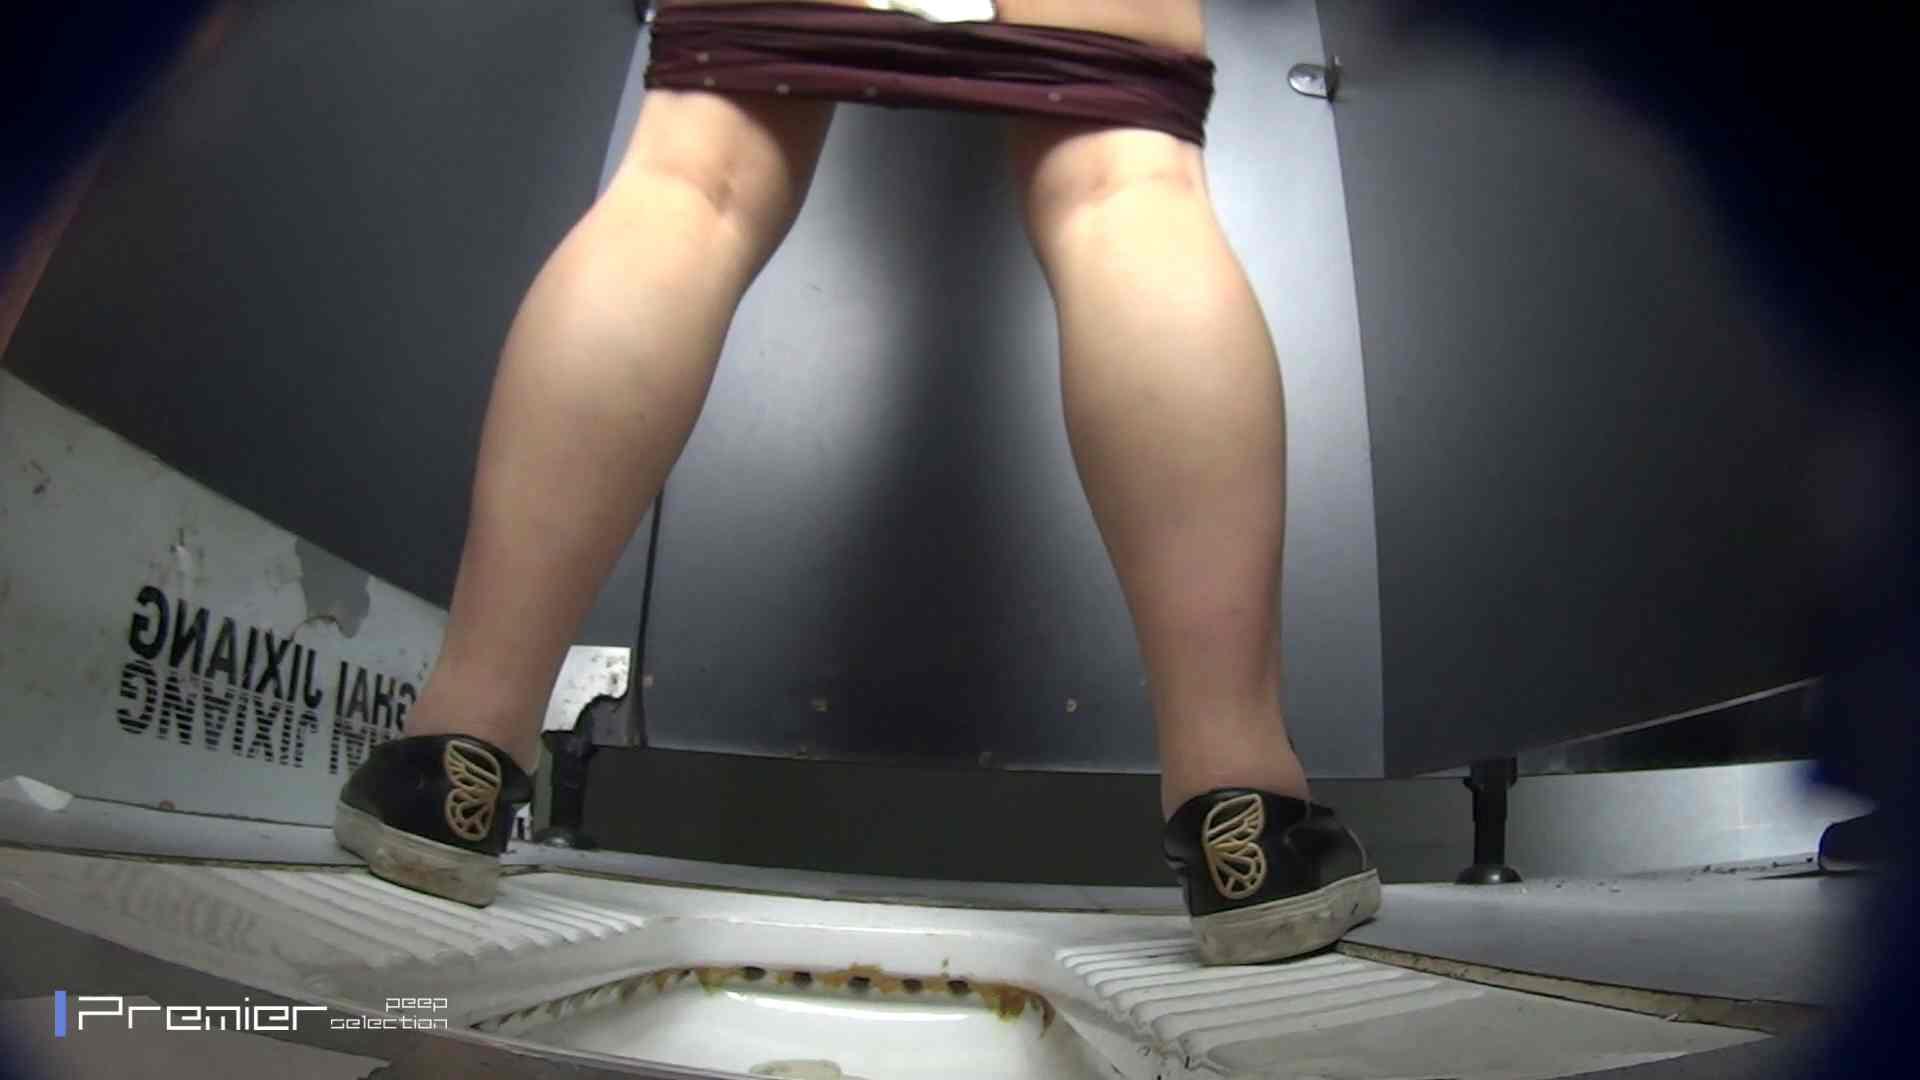 びゅーっと!オシッコ放出 大学休憩時間の洗面所事情47 洗面所シーン   丸見え  105画像 12